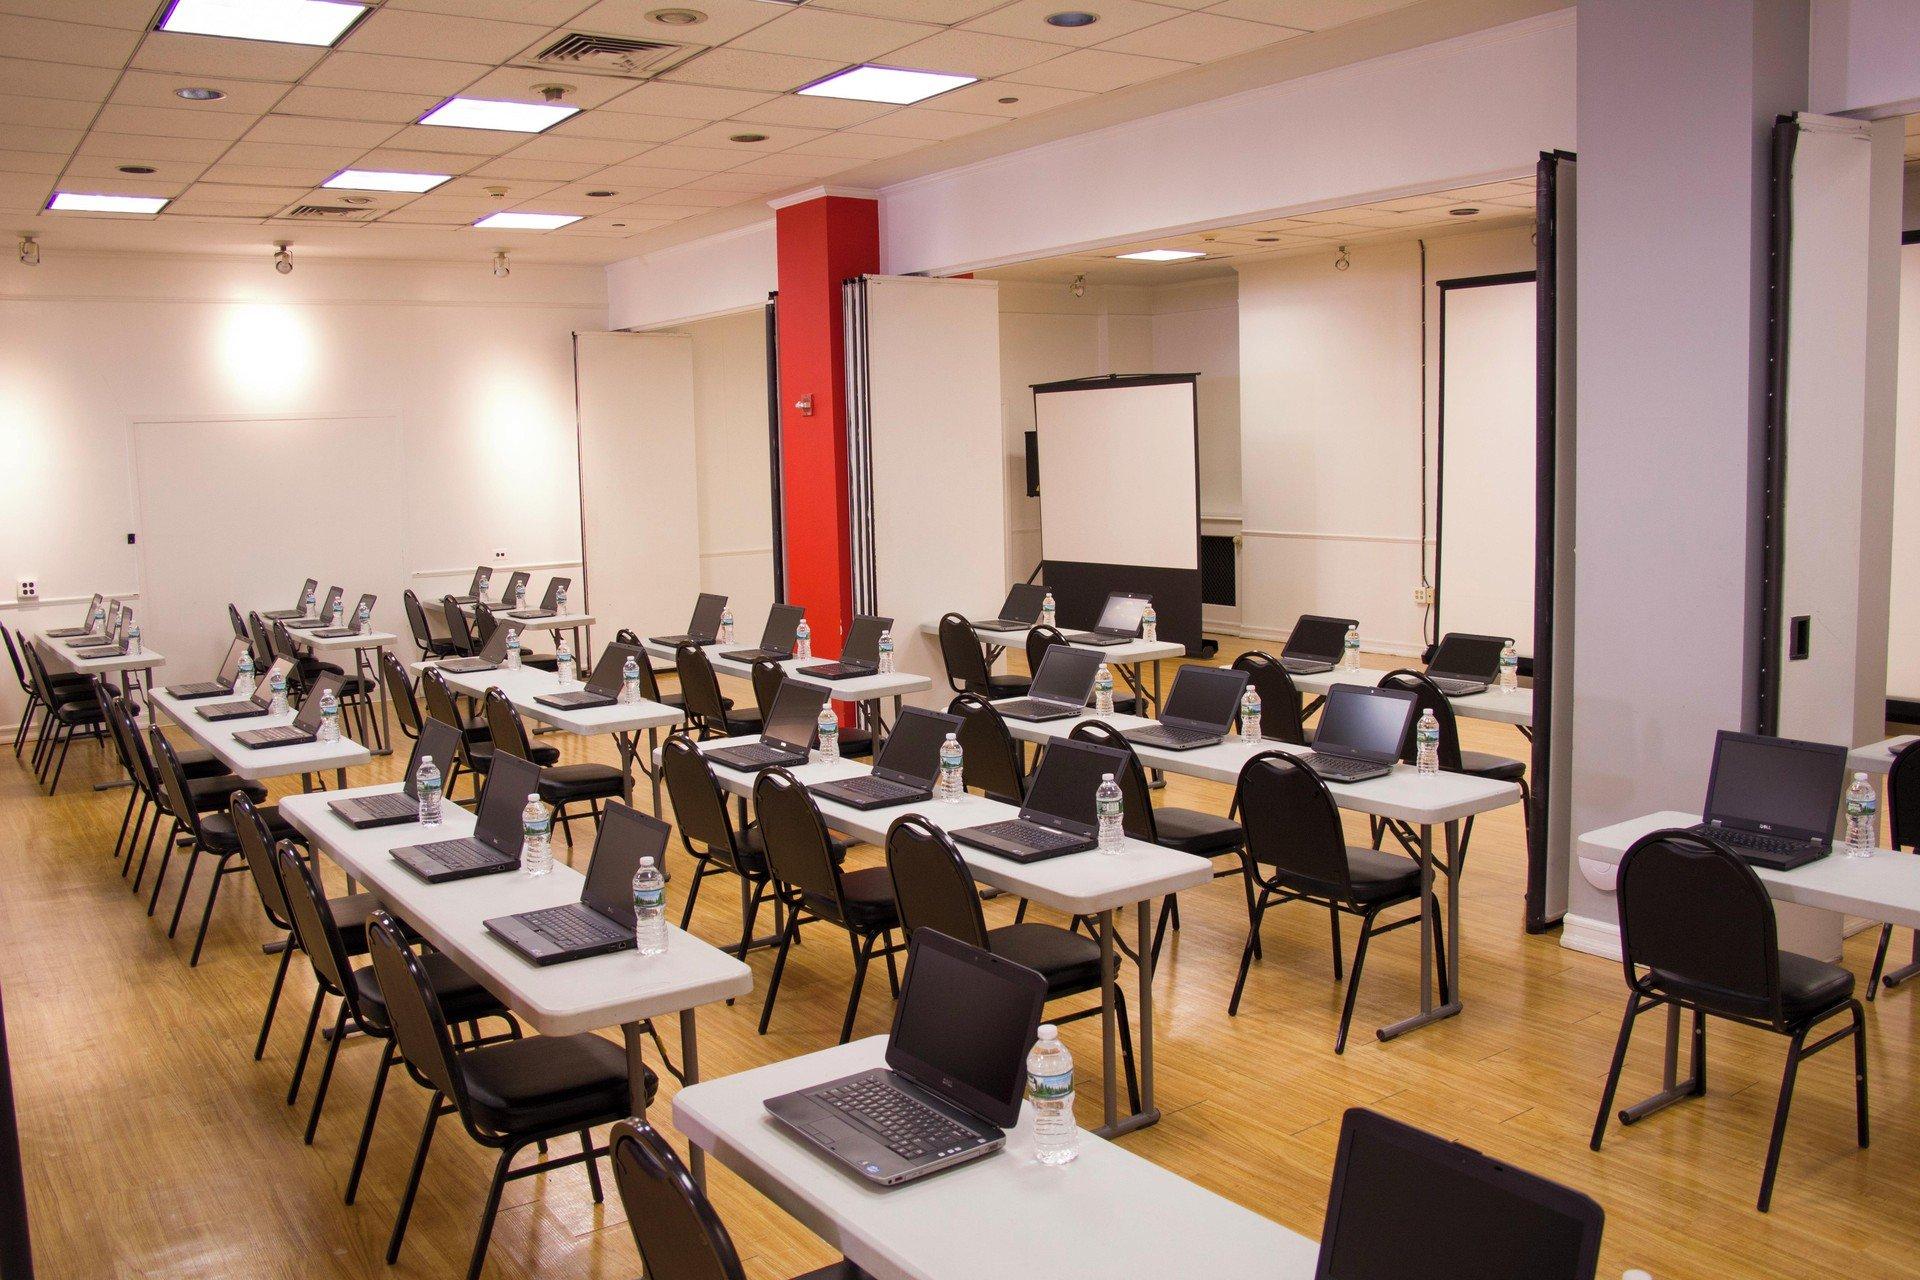 NYC training rooms Partyraum Flatiron Event Hall image 5